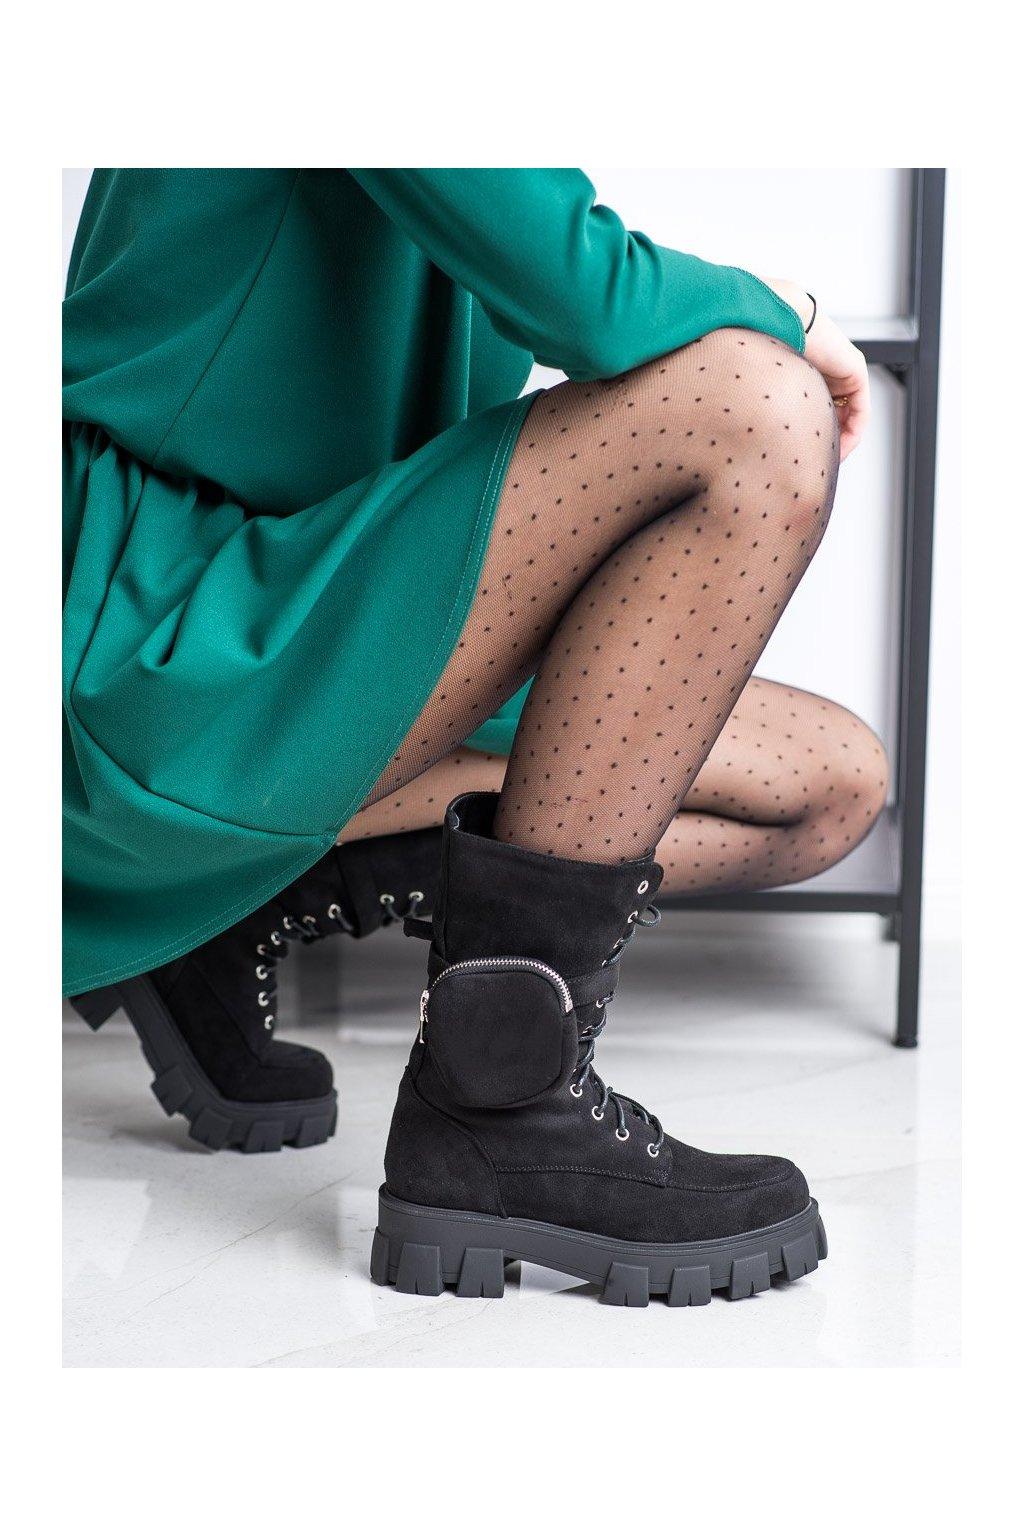 Čierne dámske topánky Seastar NJSK NC1111B